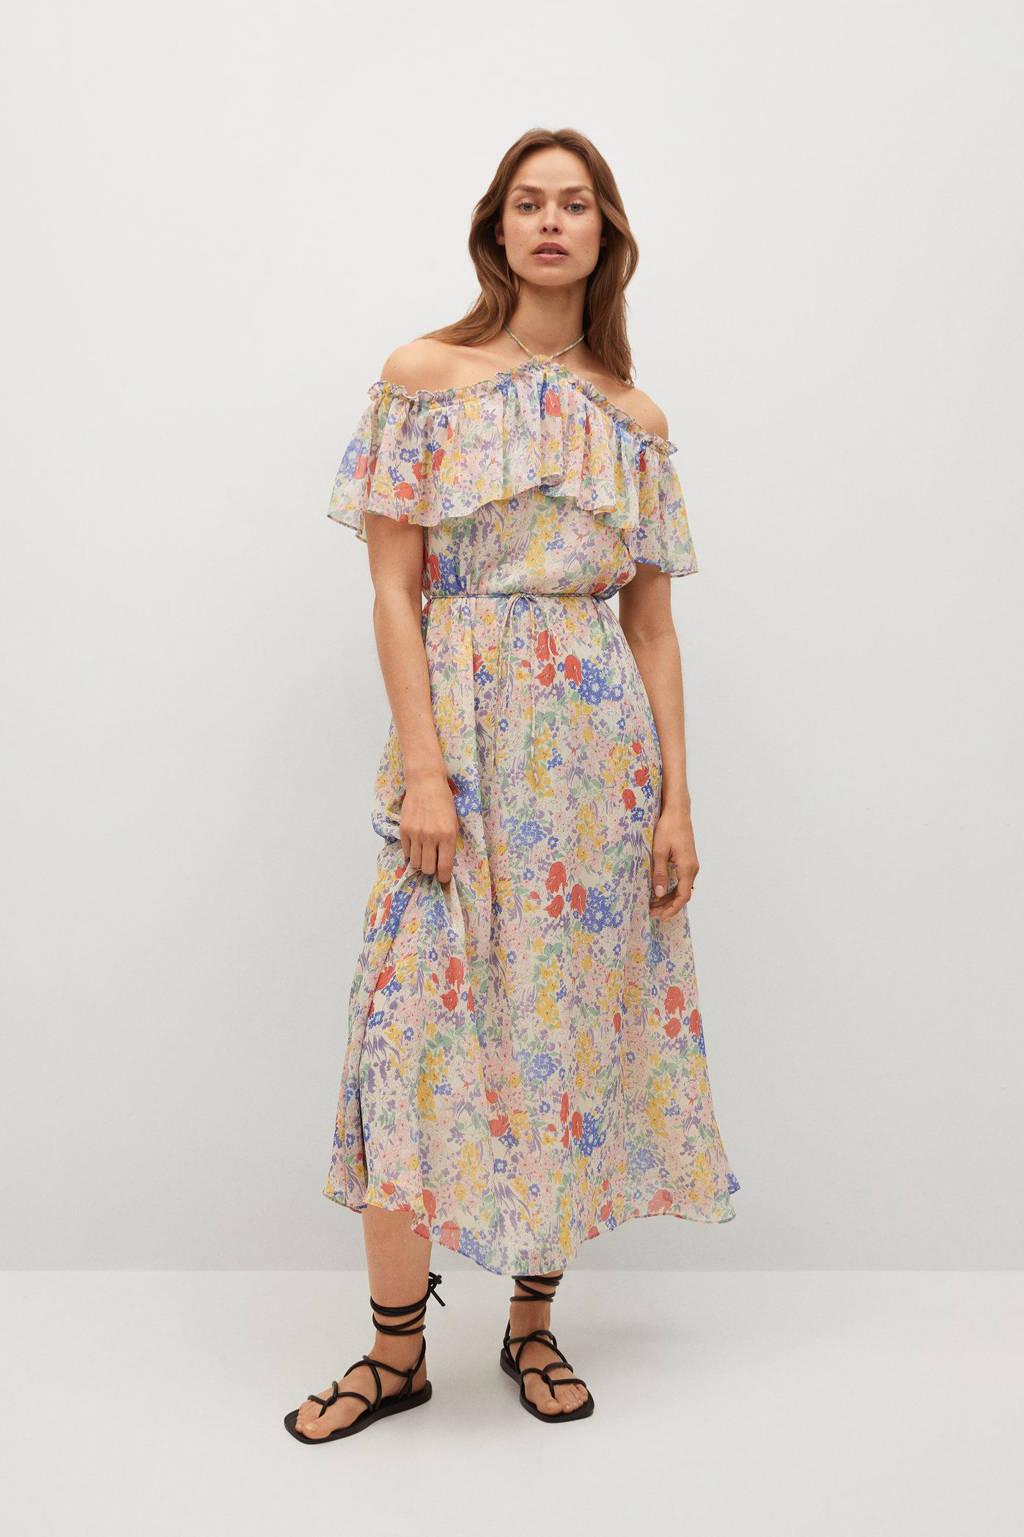 Mango gebloemde semi-transparante halter jurk lichtroze/blauw/geel, Lichtroze/blauw/geel